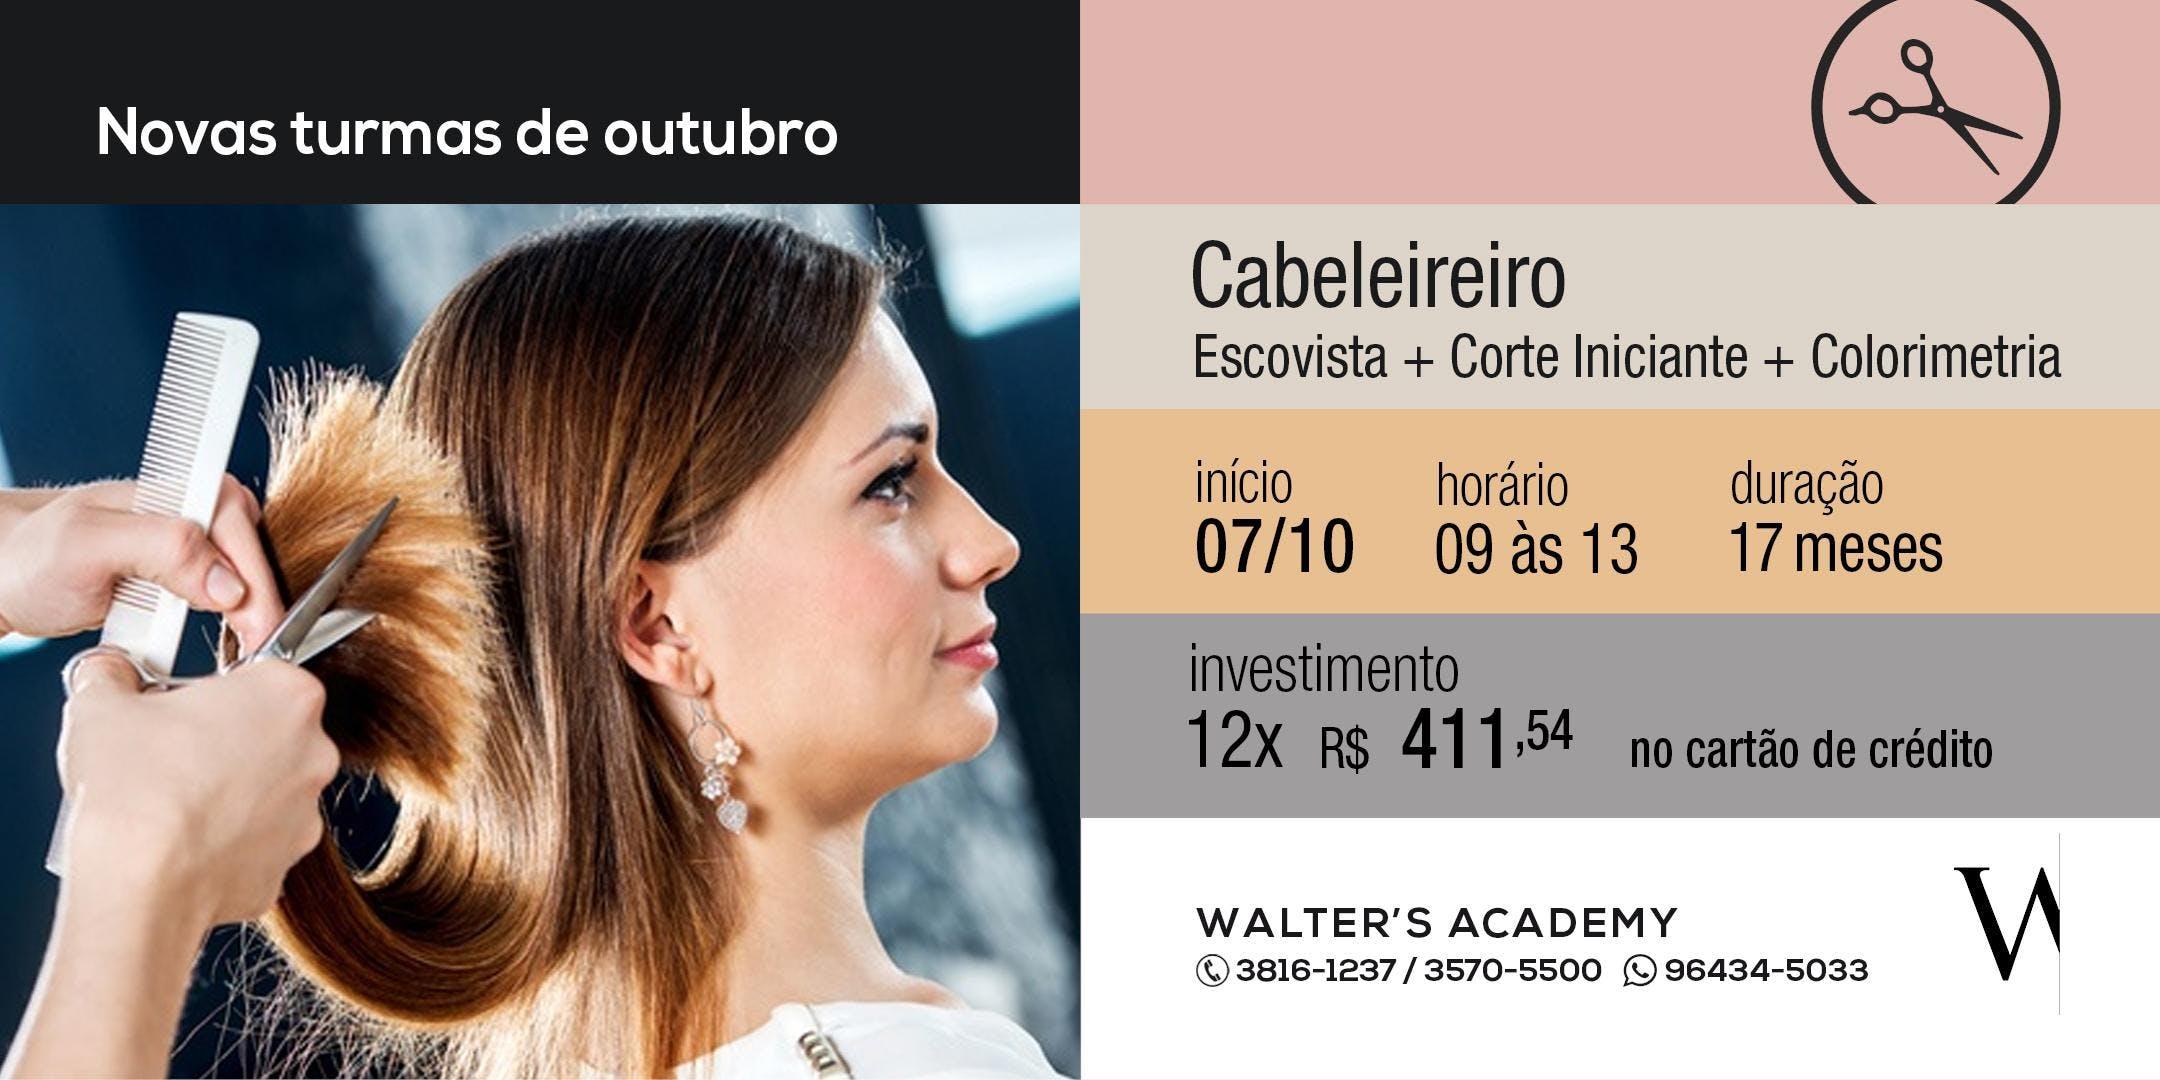 Combo - Escovista + Corte Iniciante + Colorimetria